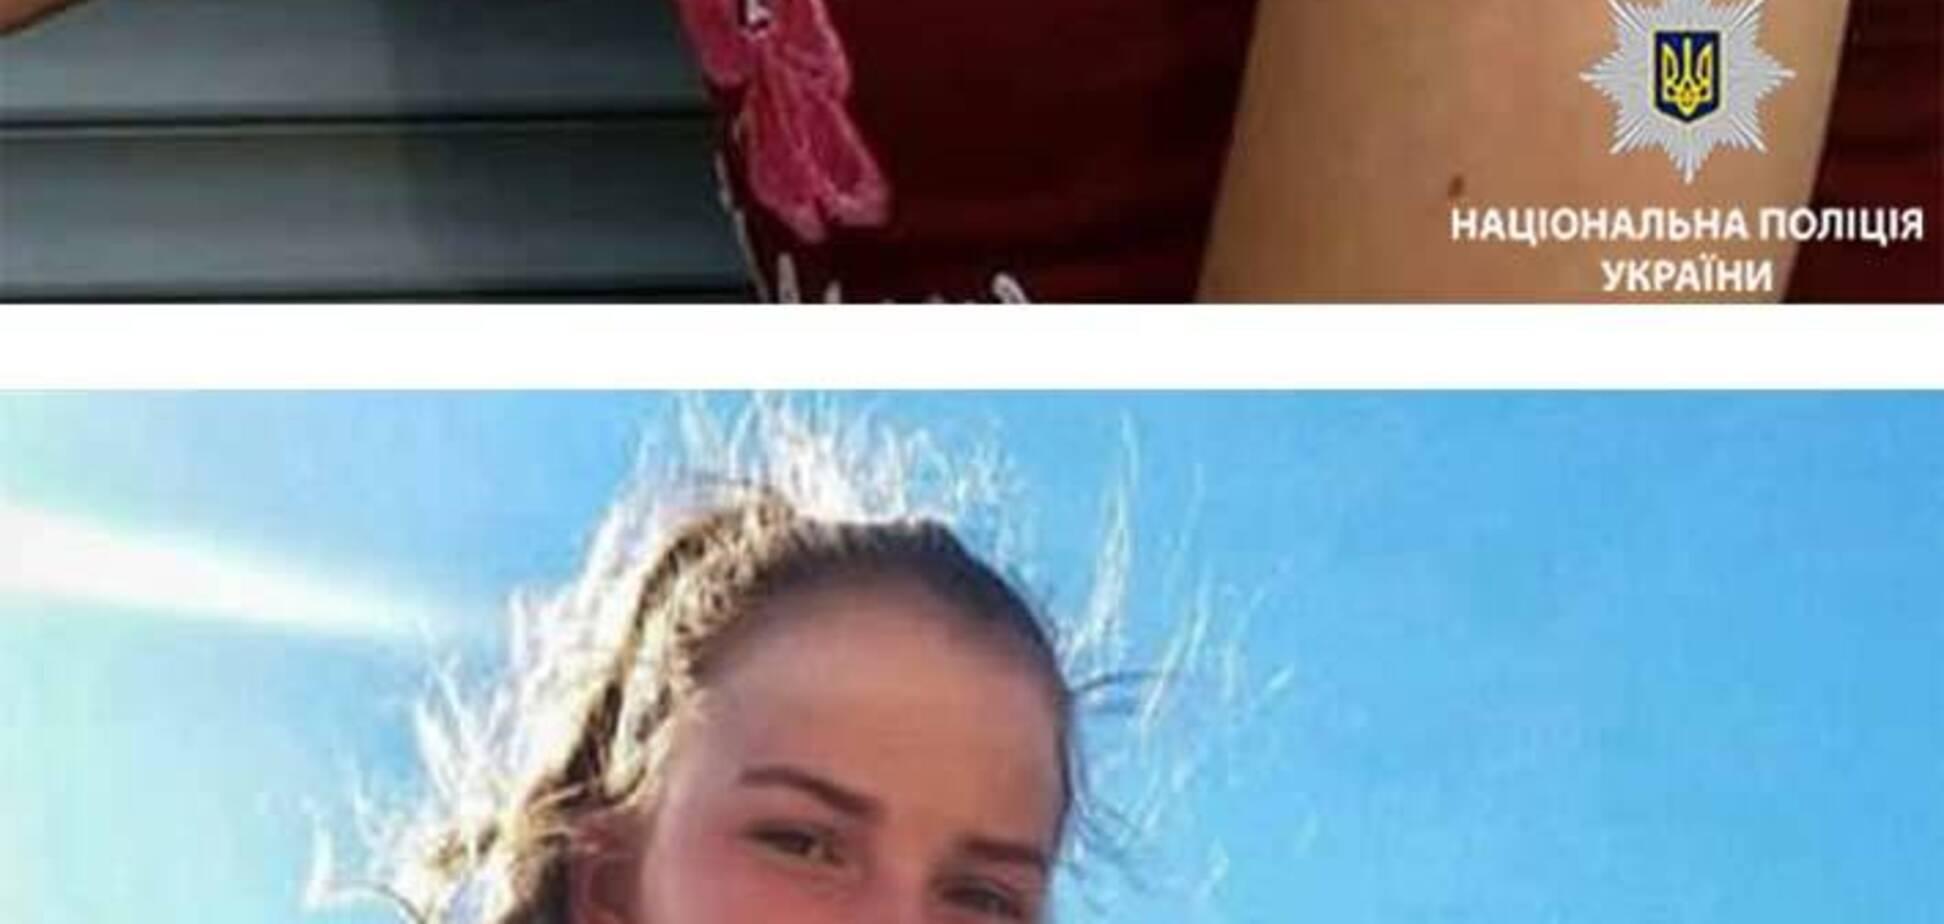 Перед смертью позвонила маме: появились детали жуткого убийства 13-летней школьницы